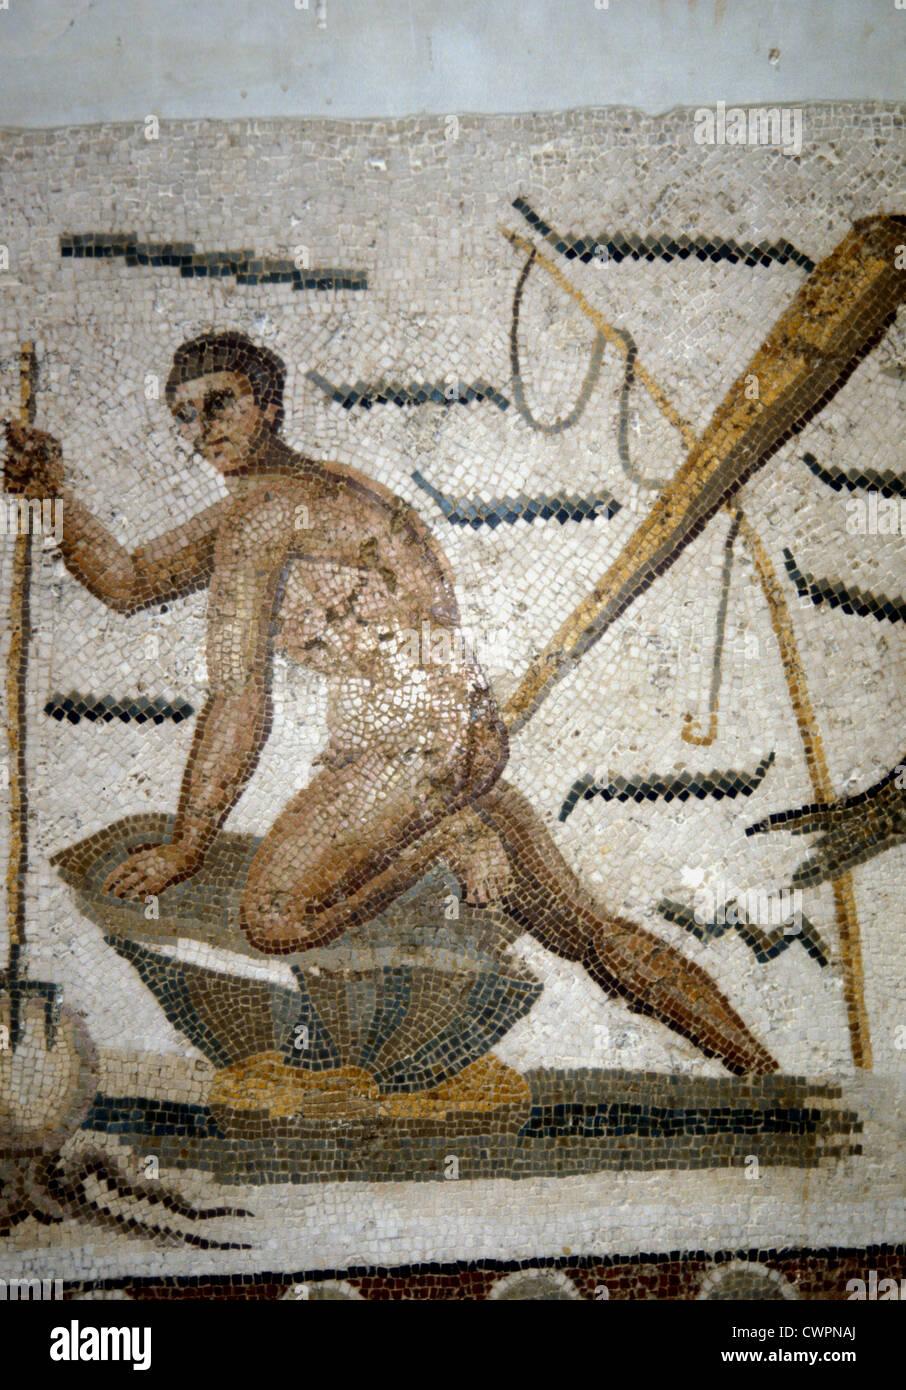 Mosaïque romaine de man spearing une pieuvre dans le Musée du Bardo Tunisie Photo Stock